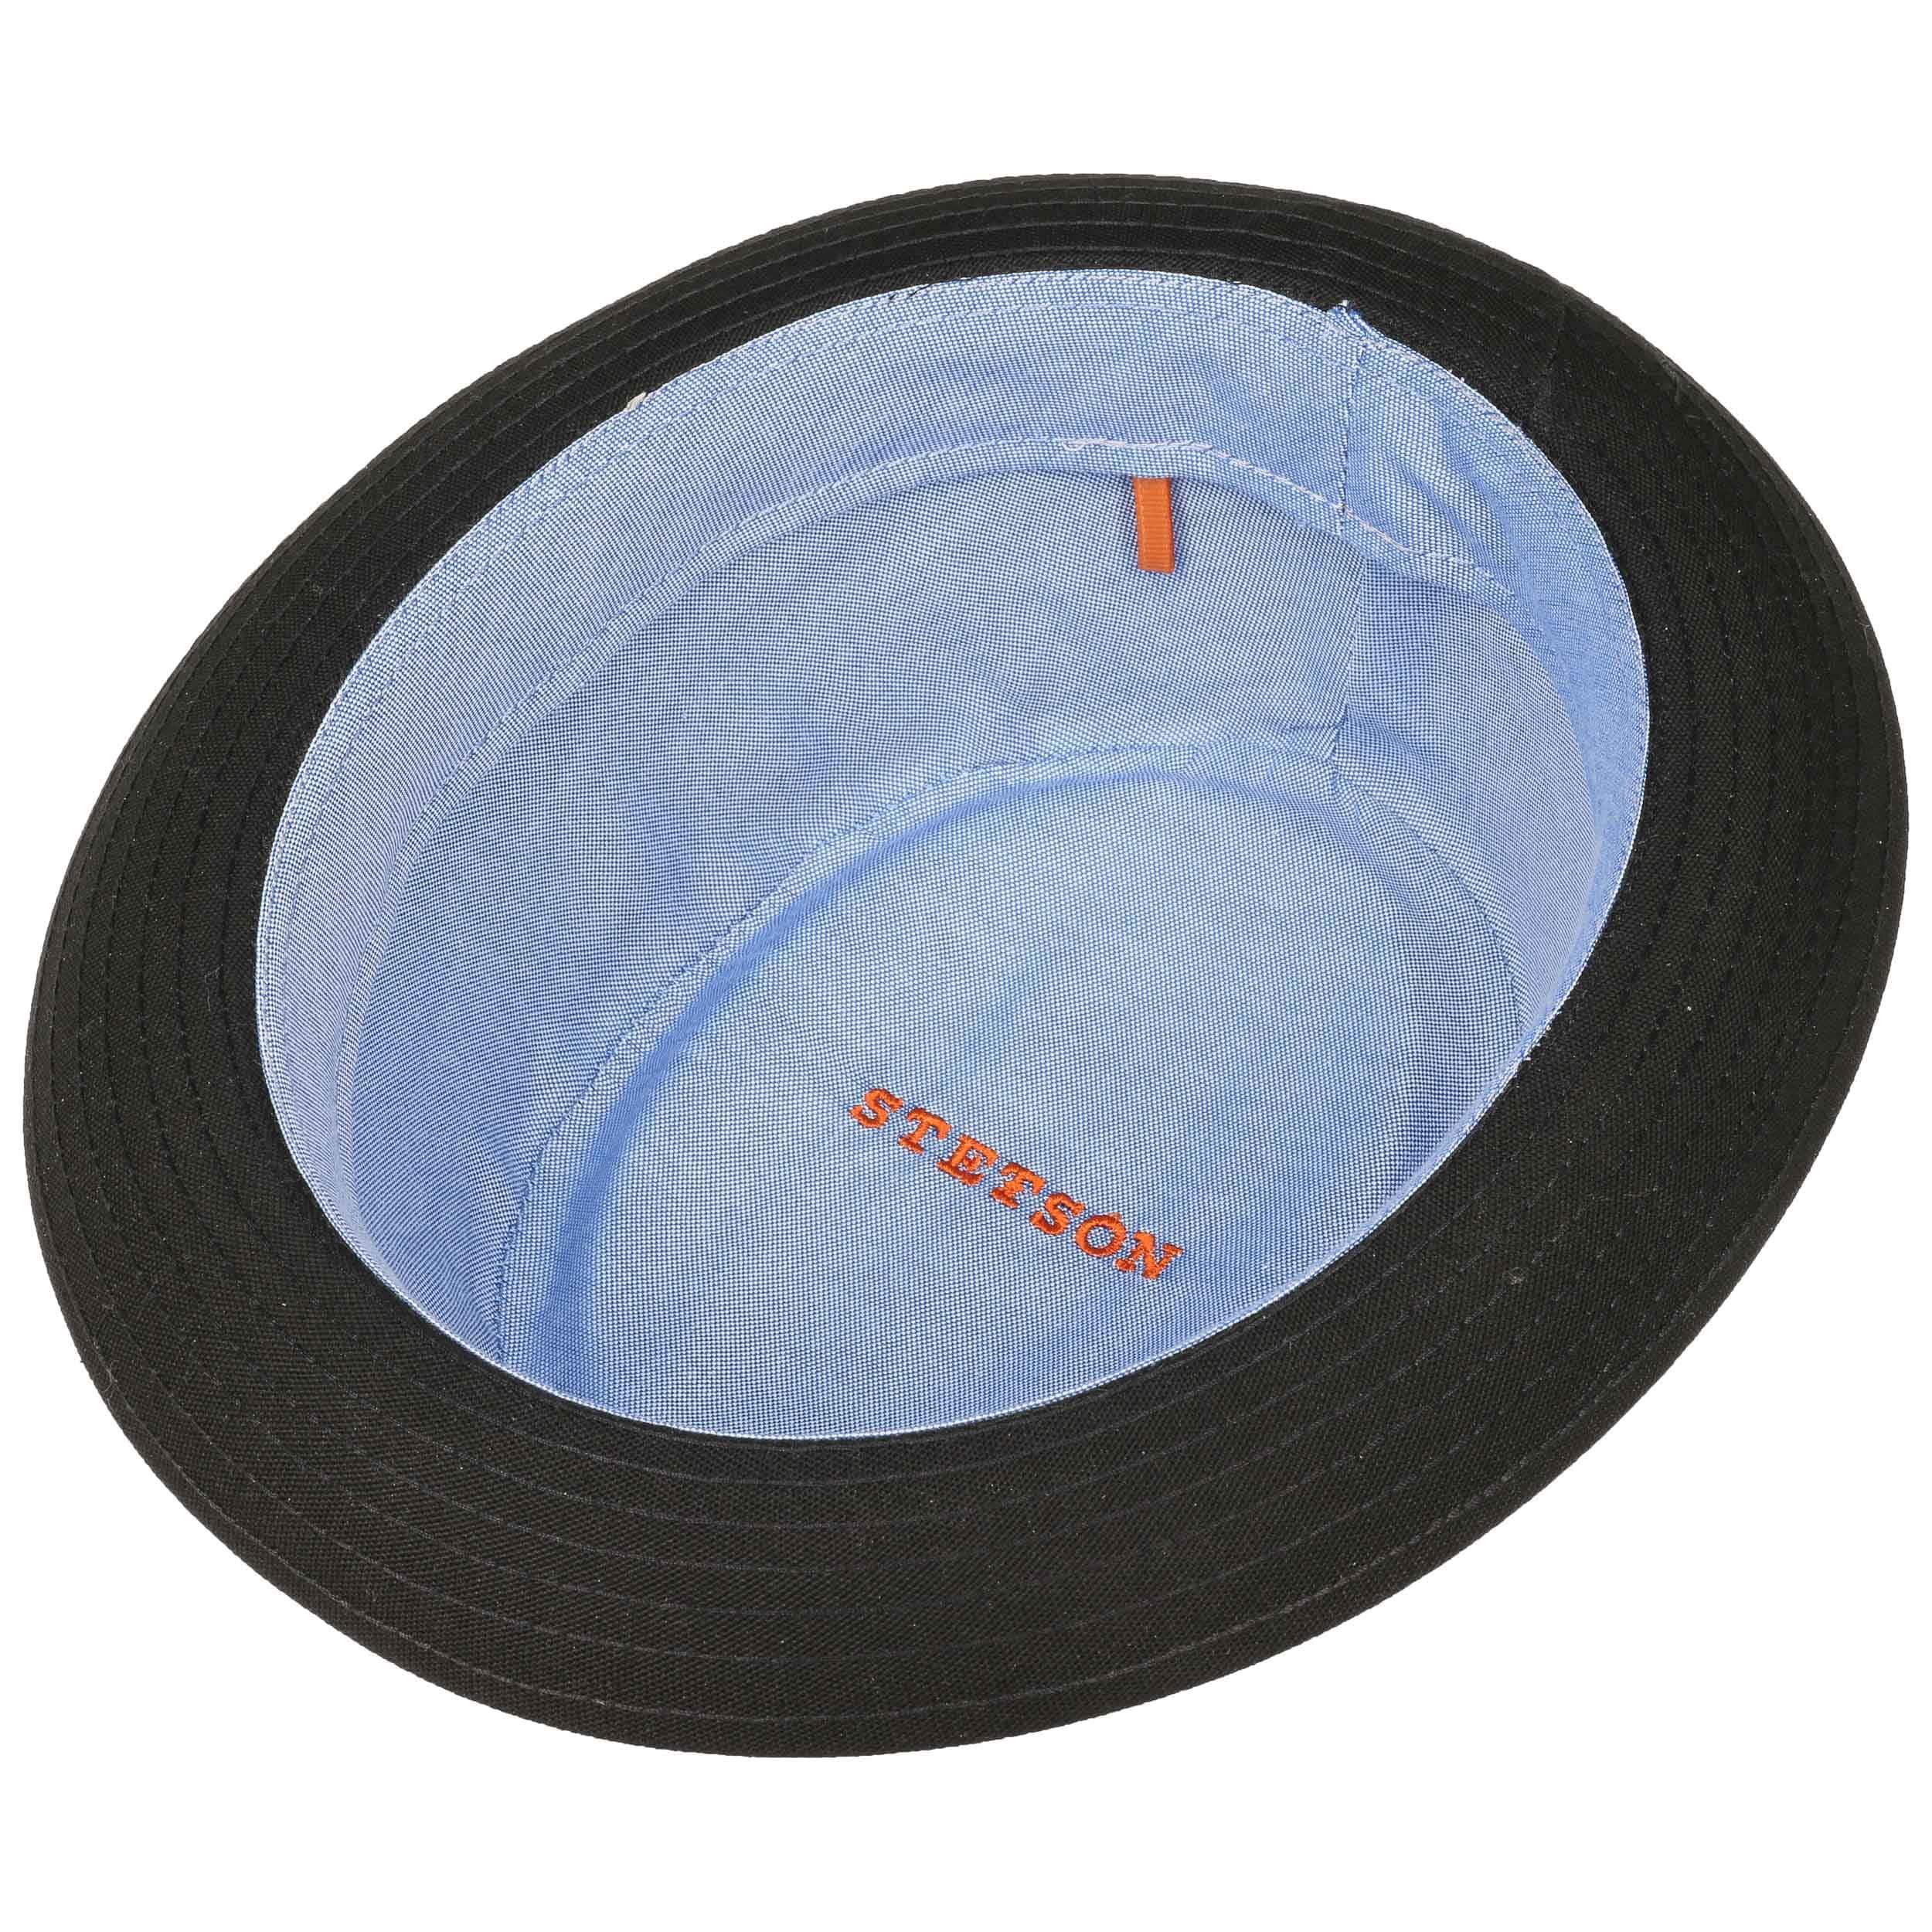 ... Athens Cotton Pork Pie Hat by Stetson - black 2 ... e6882af0ec2